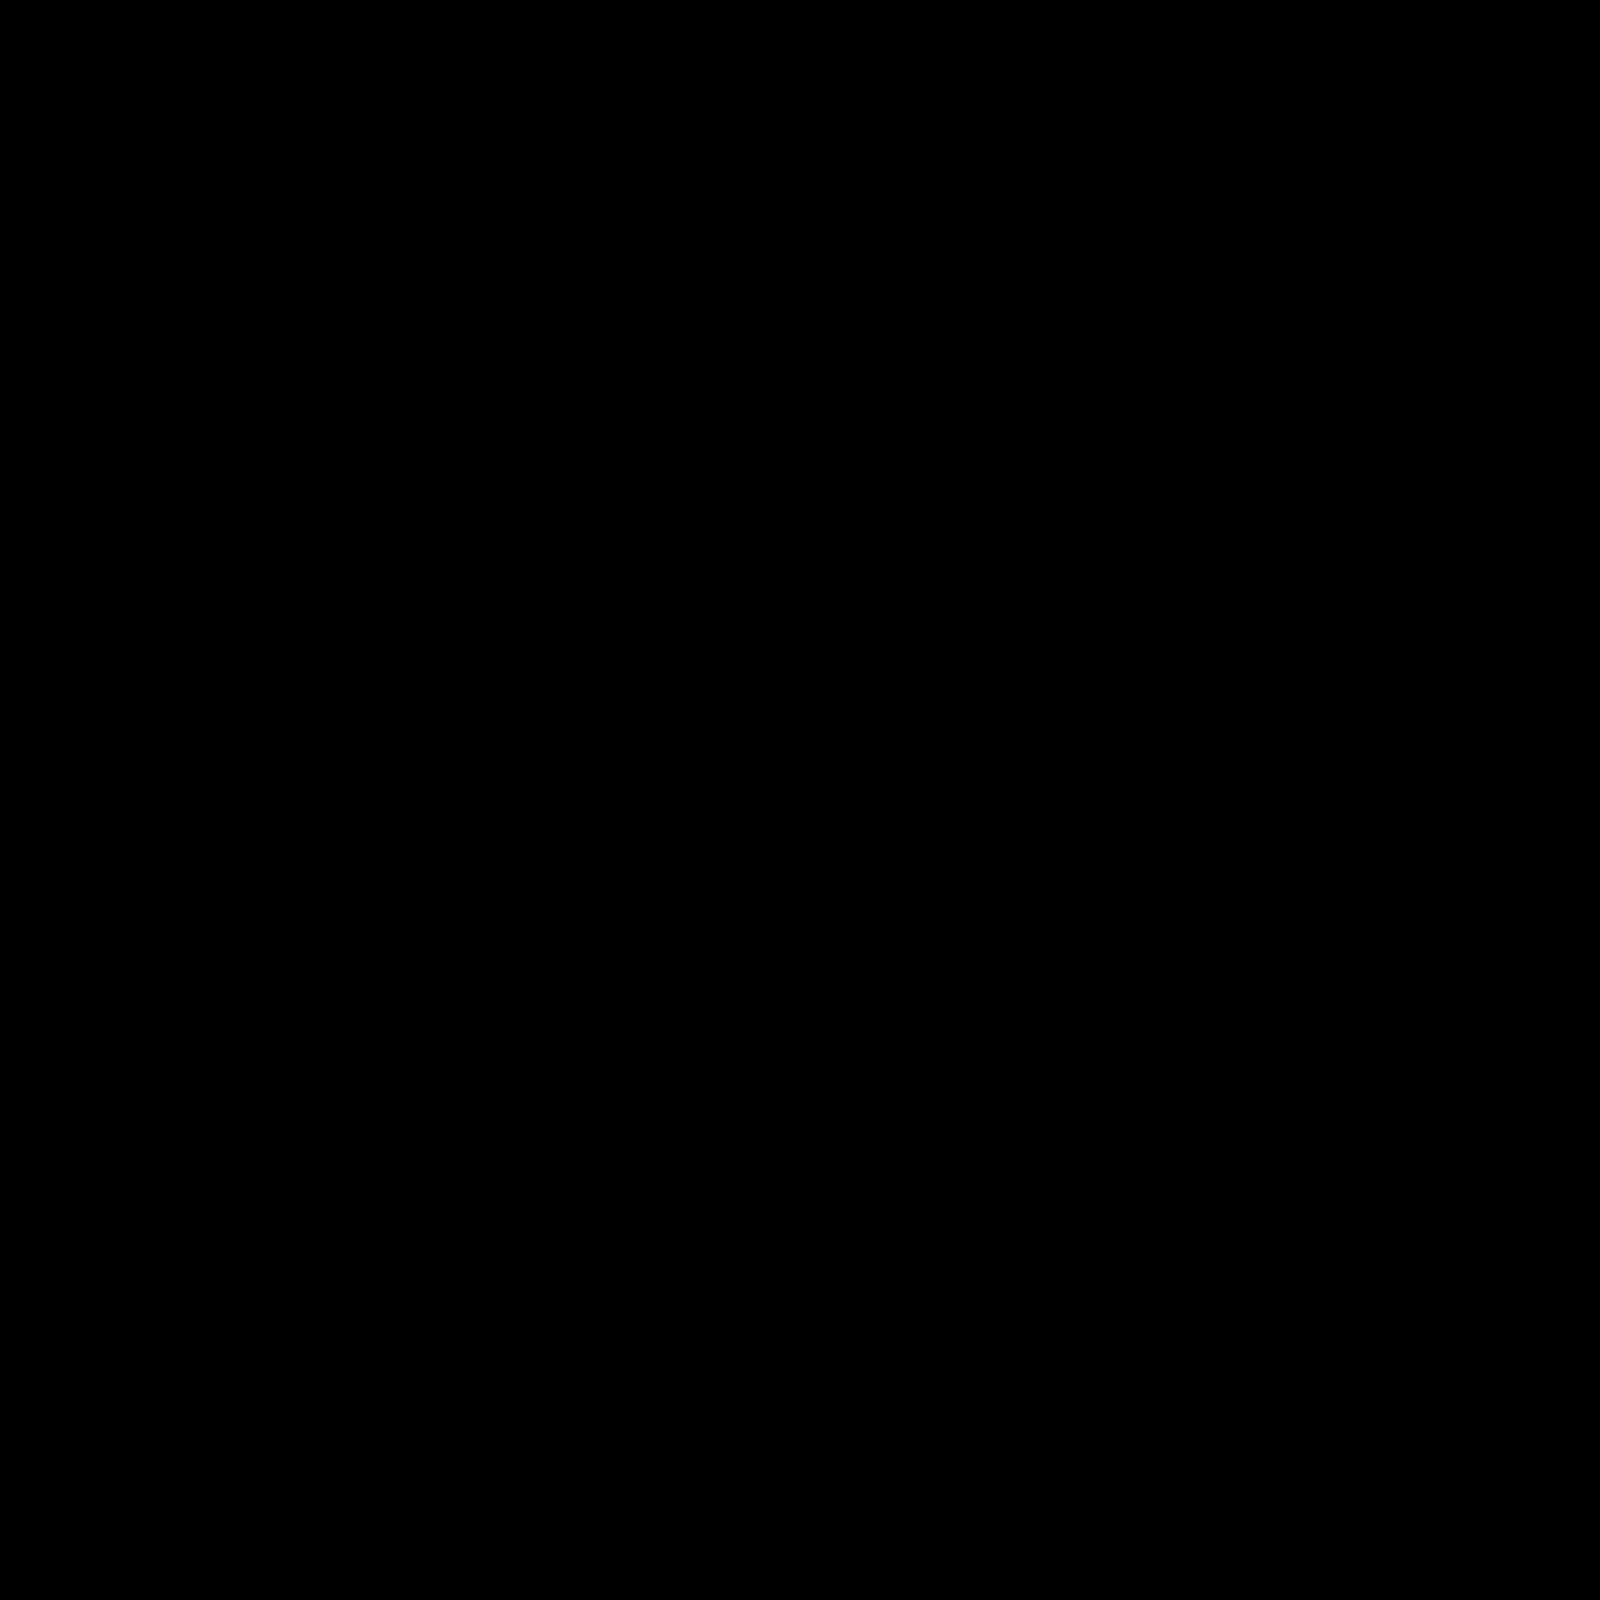 心形气球 icon